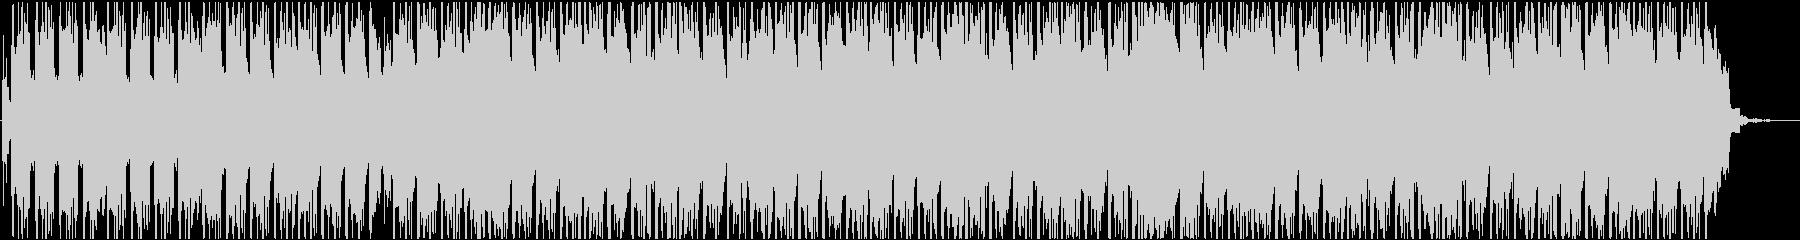 軽快なアコースティックエレクトロニカの未再生の波形